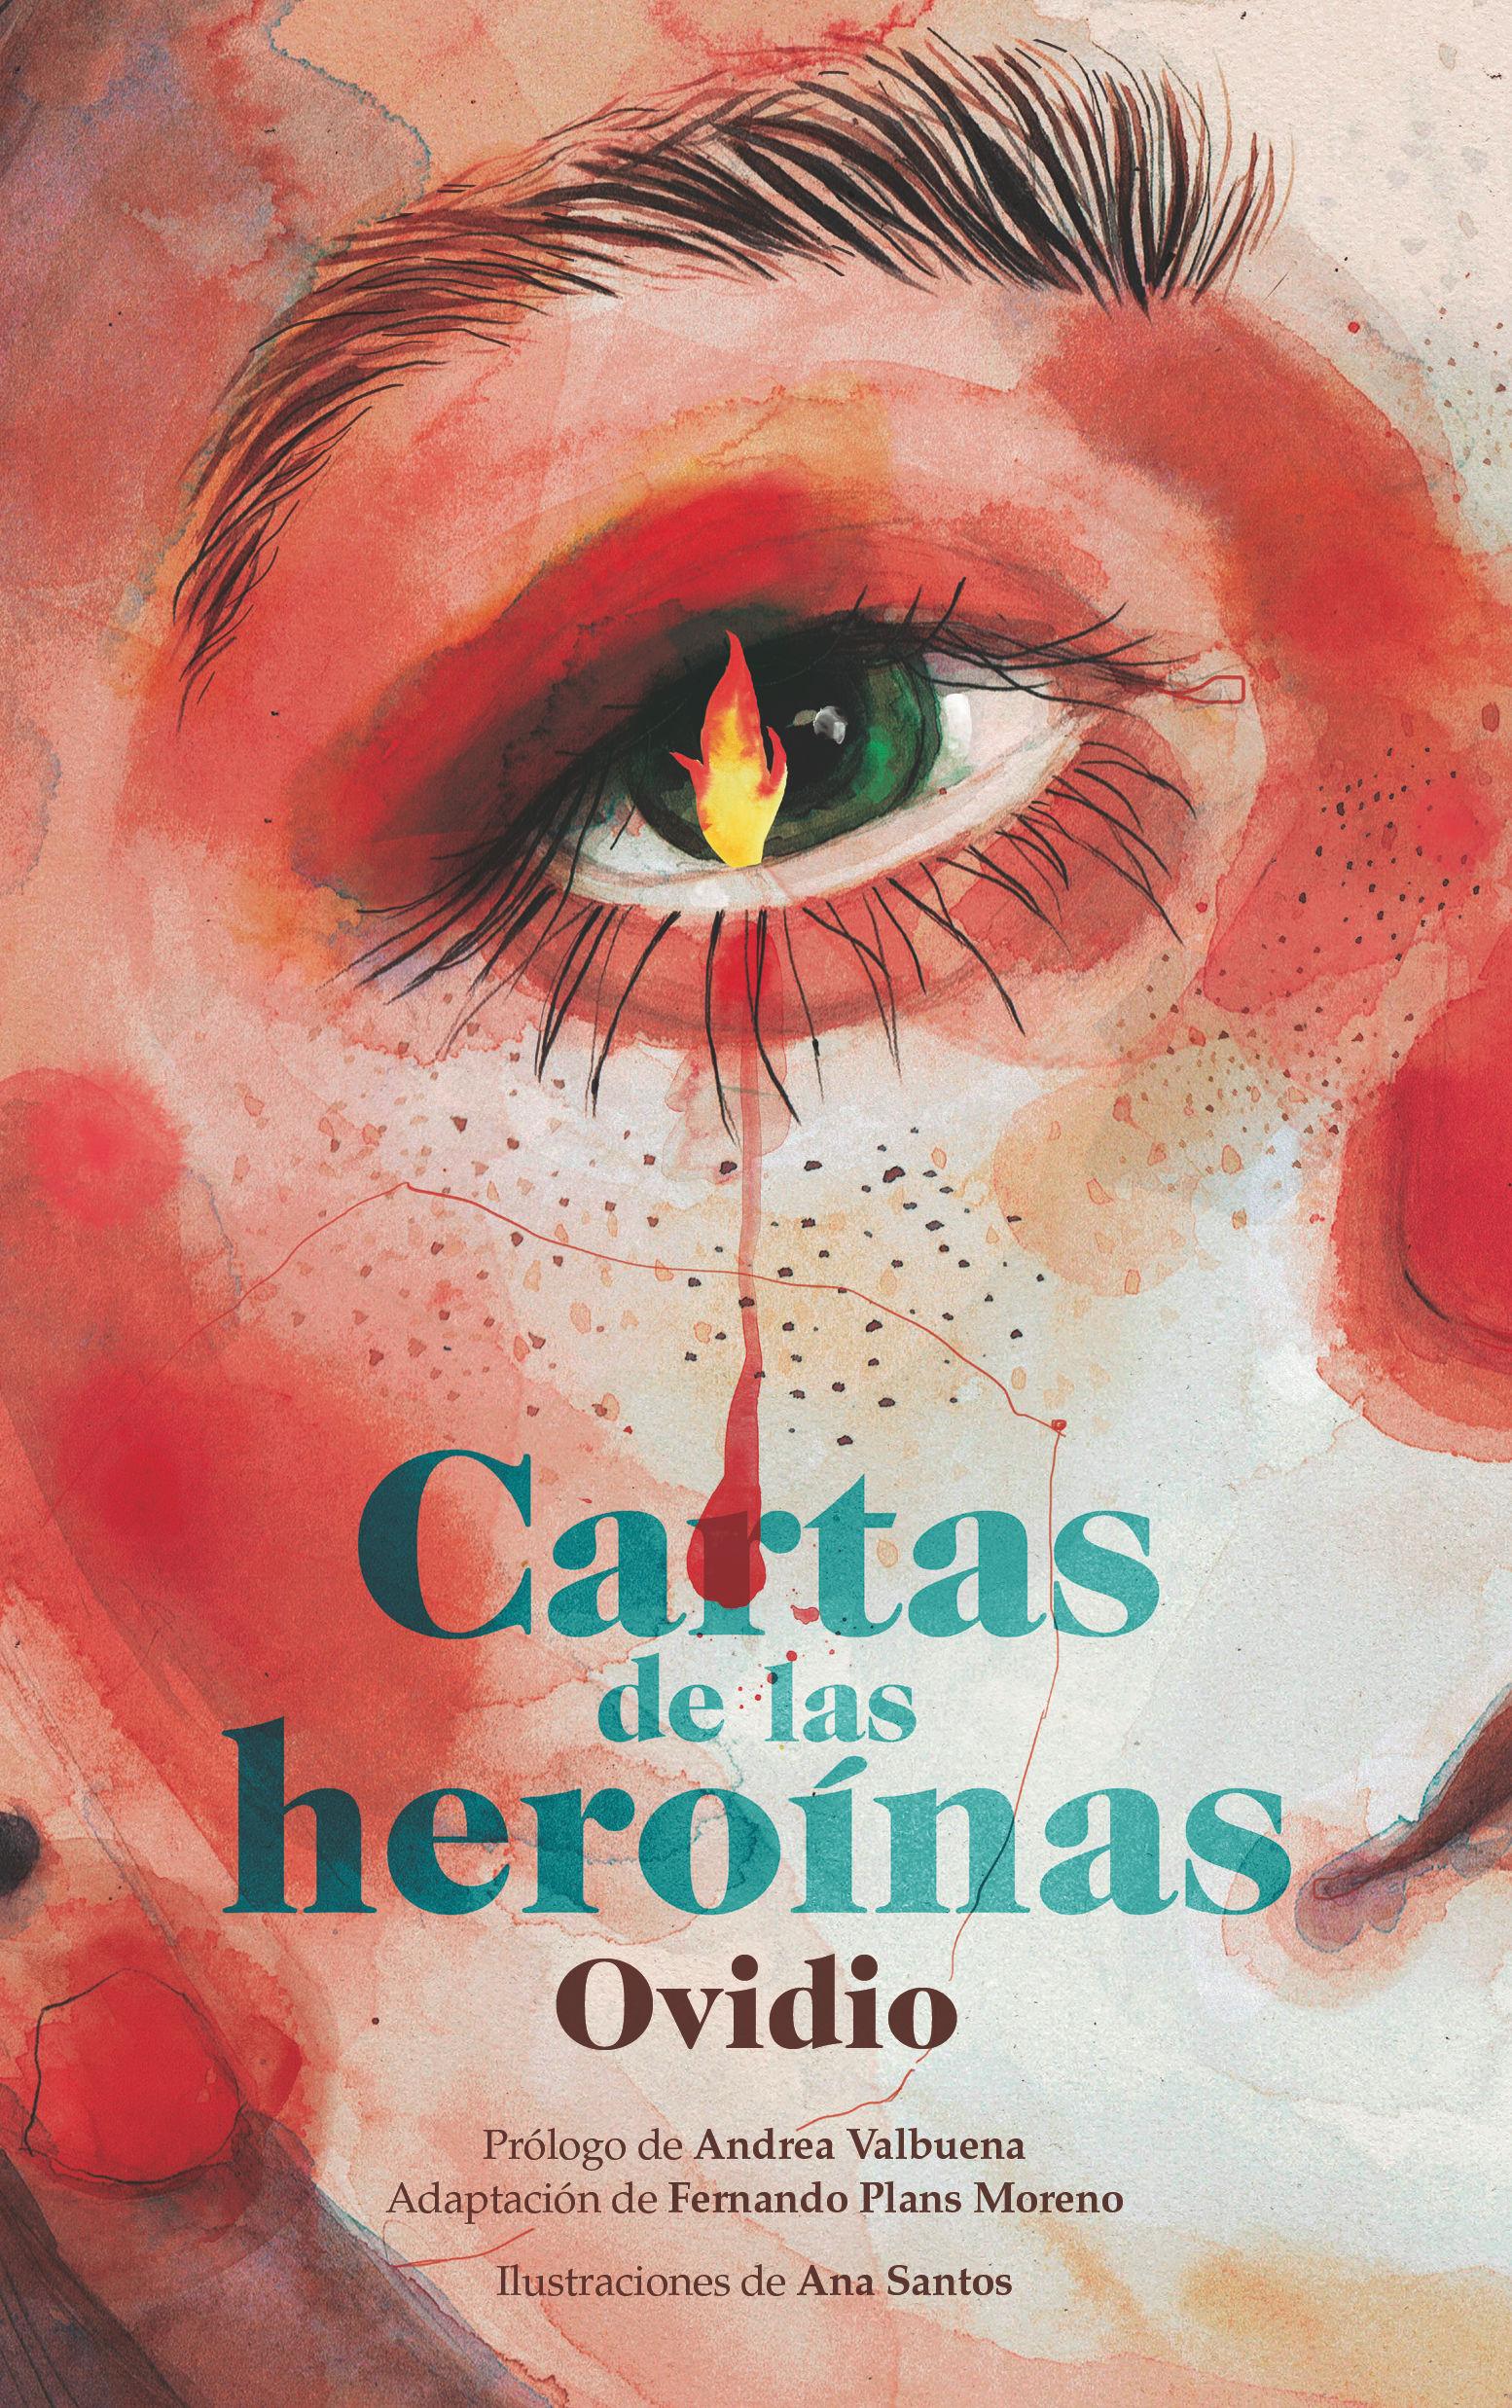 CARTAS DE LAS HEROINAS